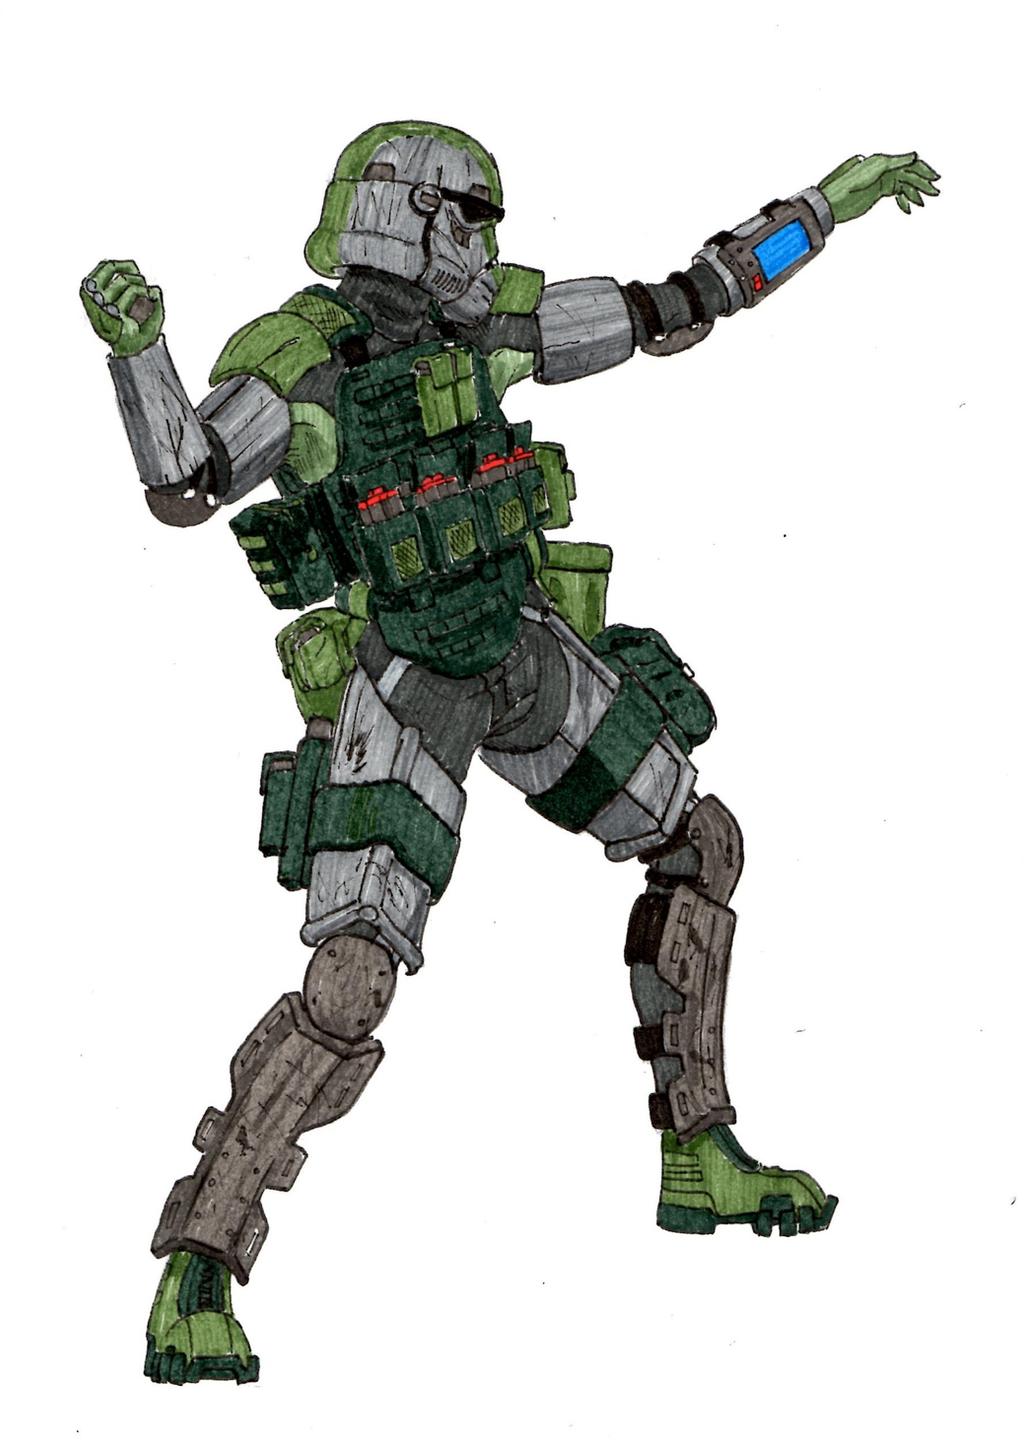 stormtrooper_ranger_by_halonut117-d75w5k